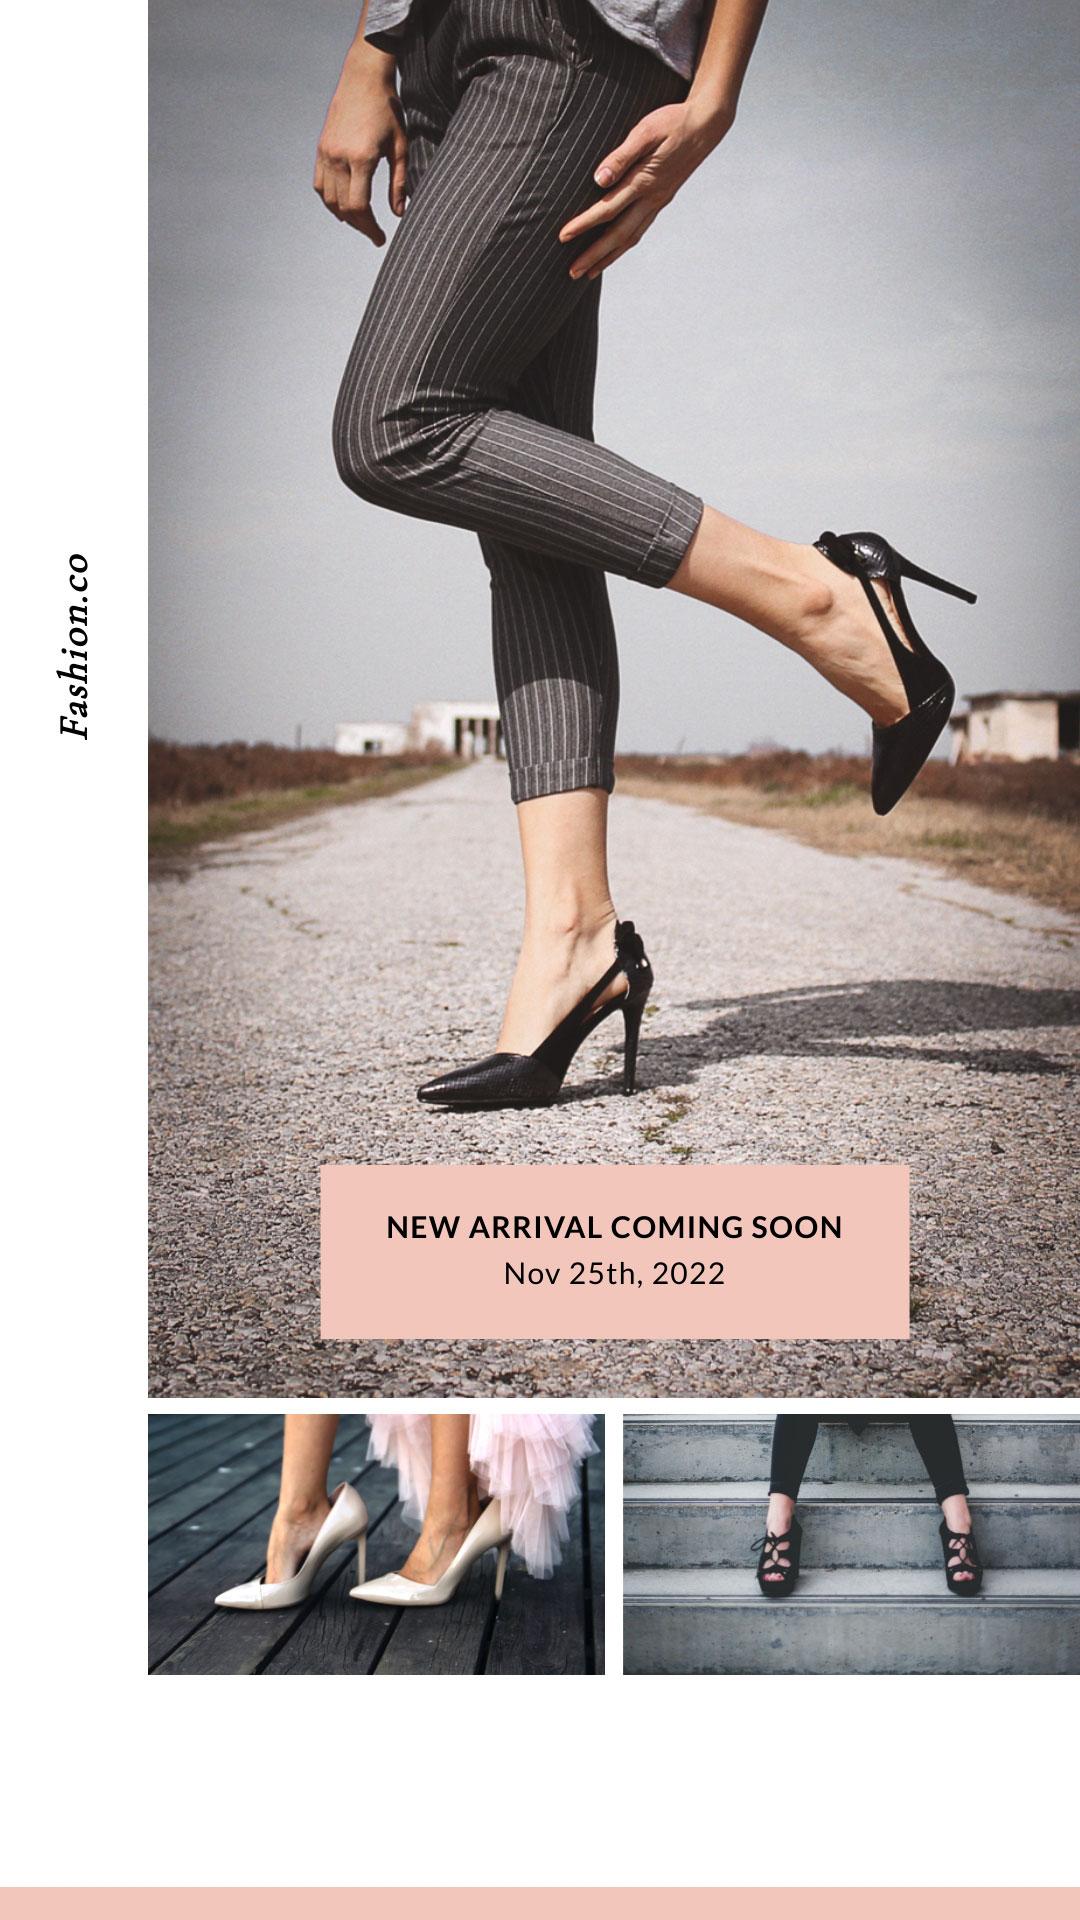 Footwear Instagram Stories Template